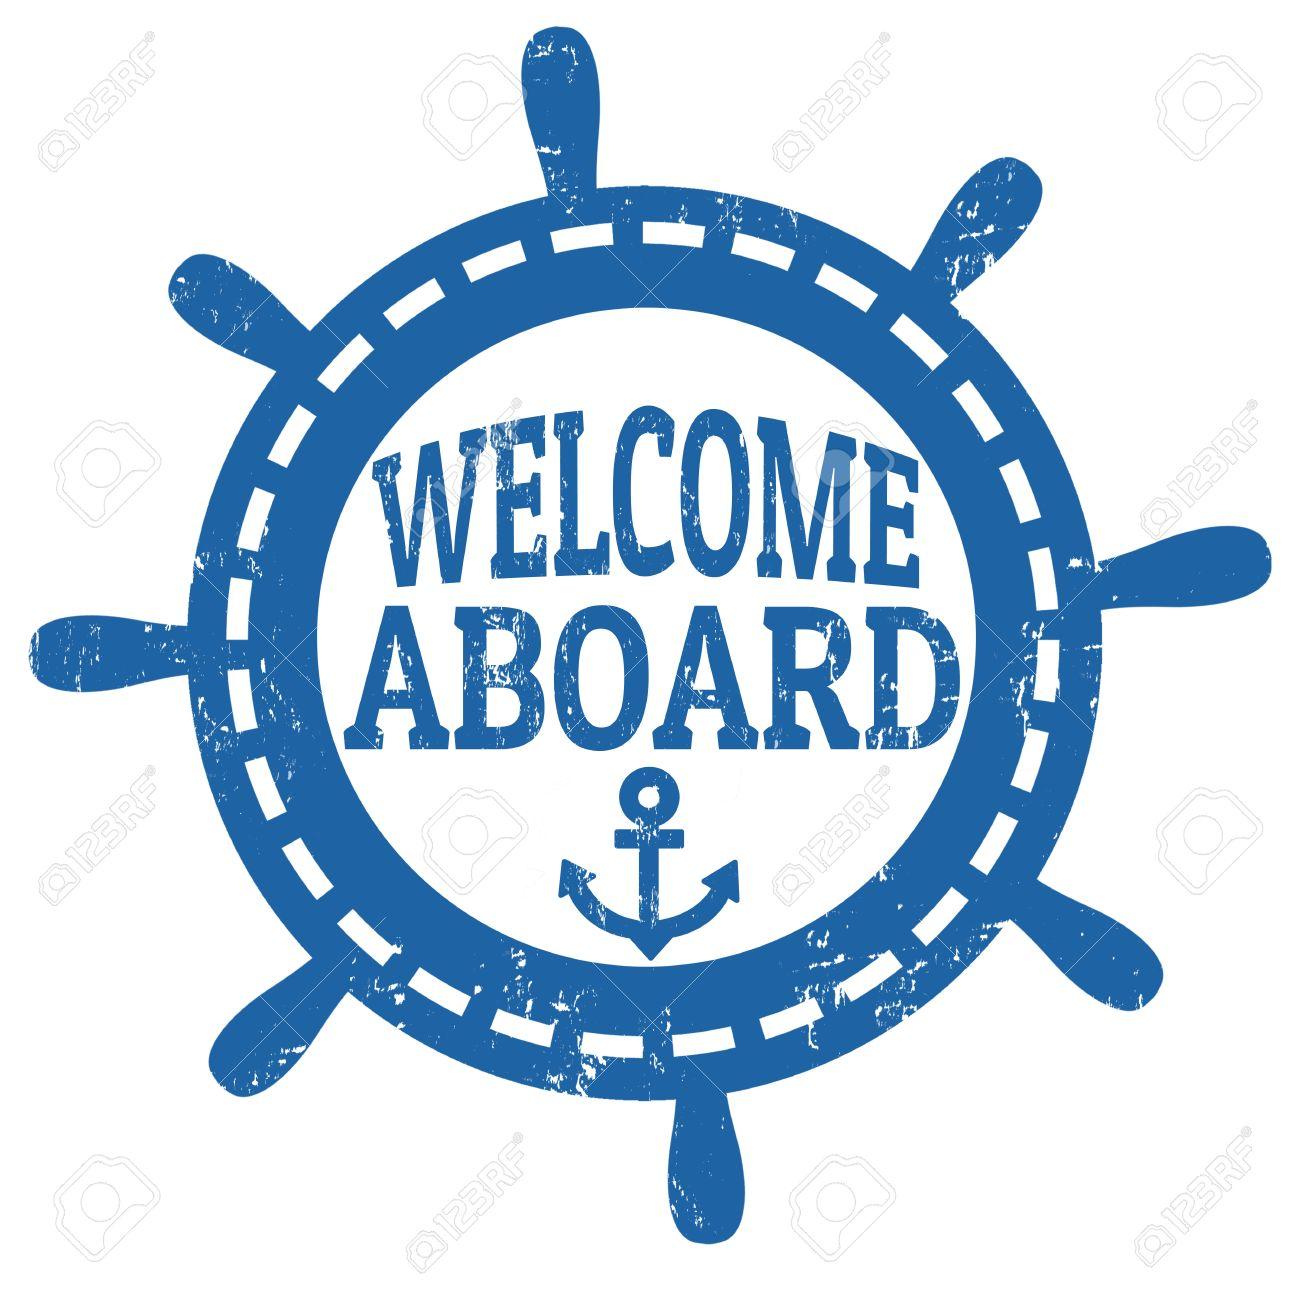 Nautical Anchor Clip Art Free. Nautical -Nautical Anchor Clip Art Free. Nautical Welcome Aboard .-4